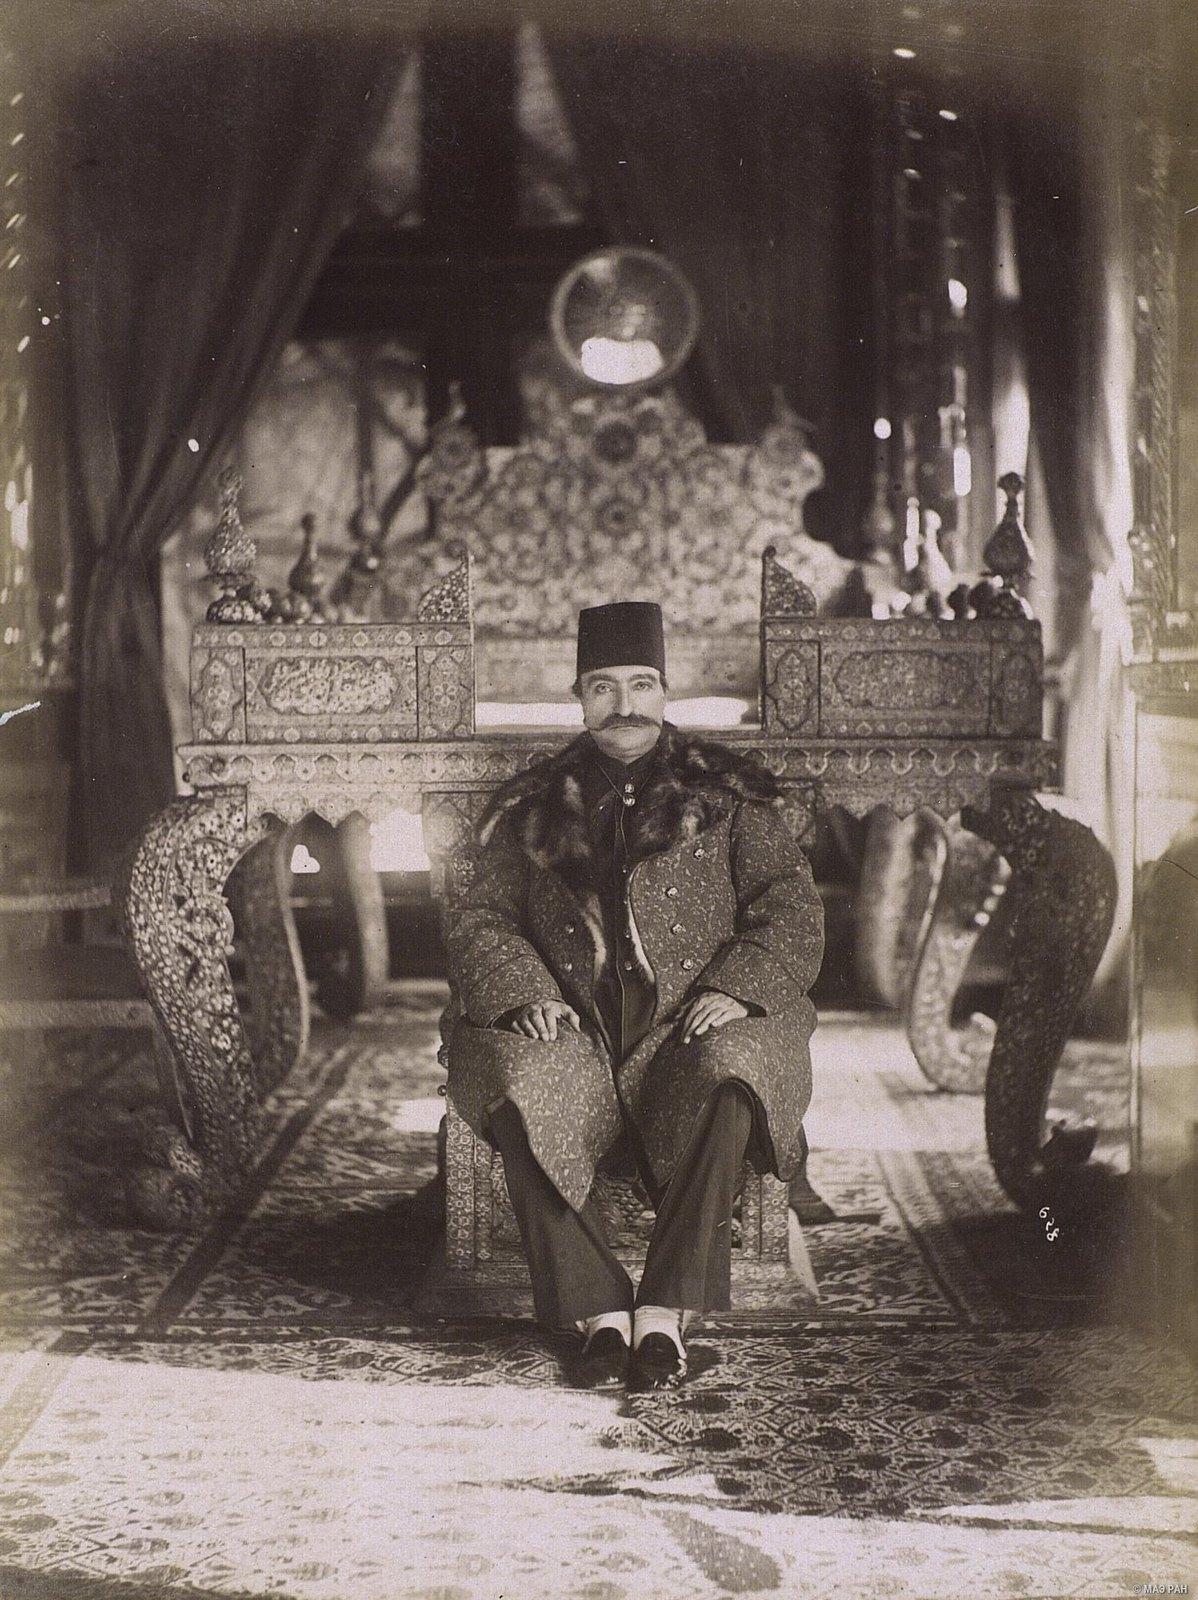 Насреддин шах (убит в 1896)